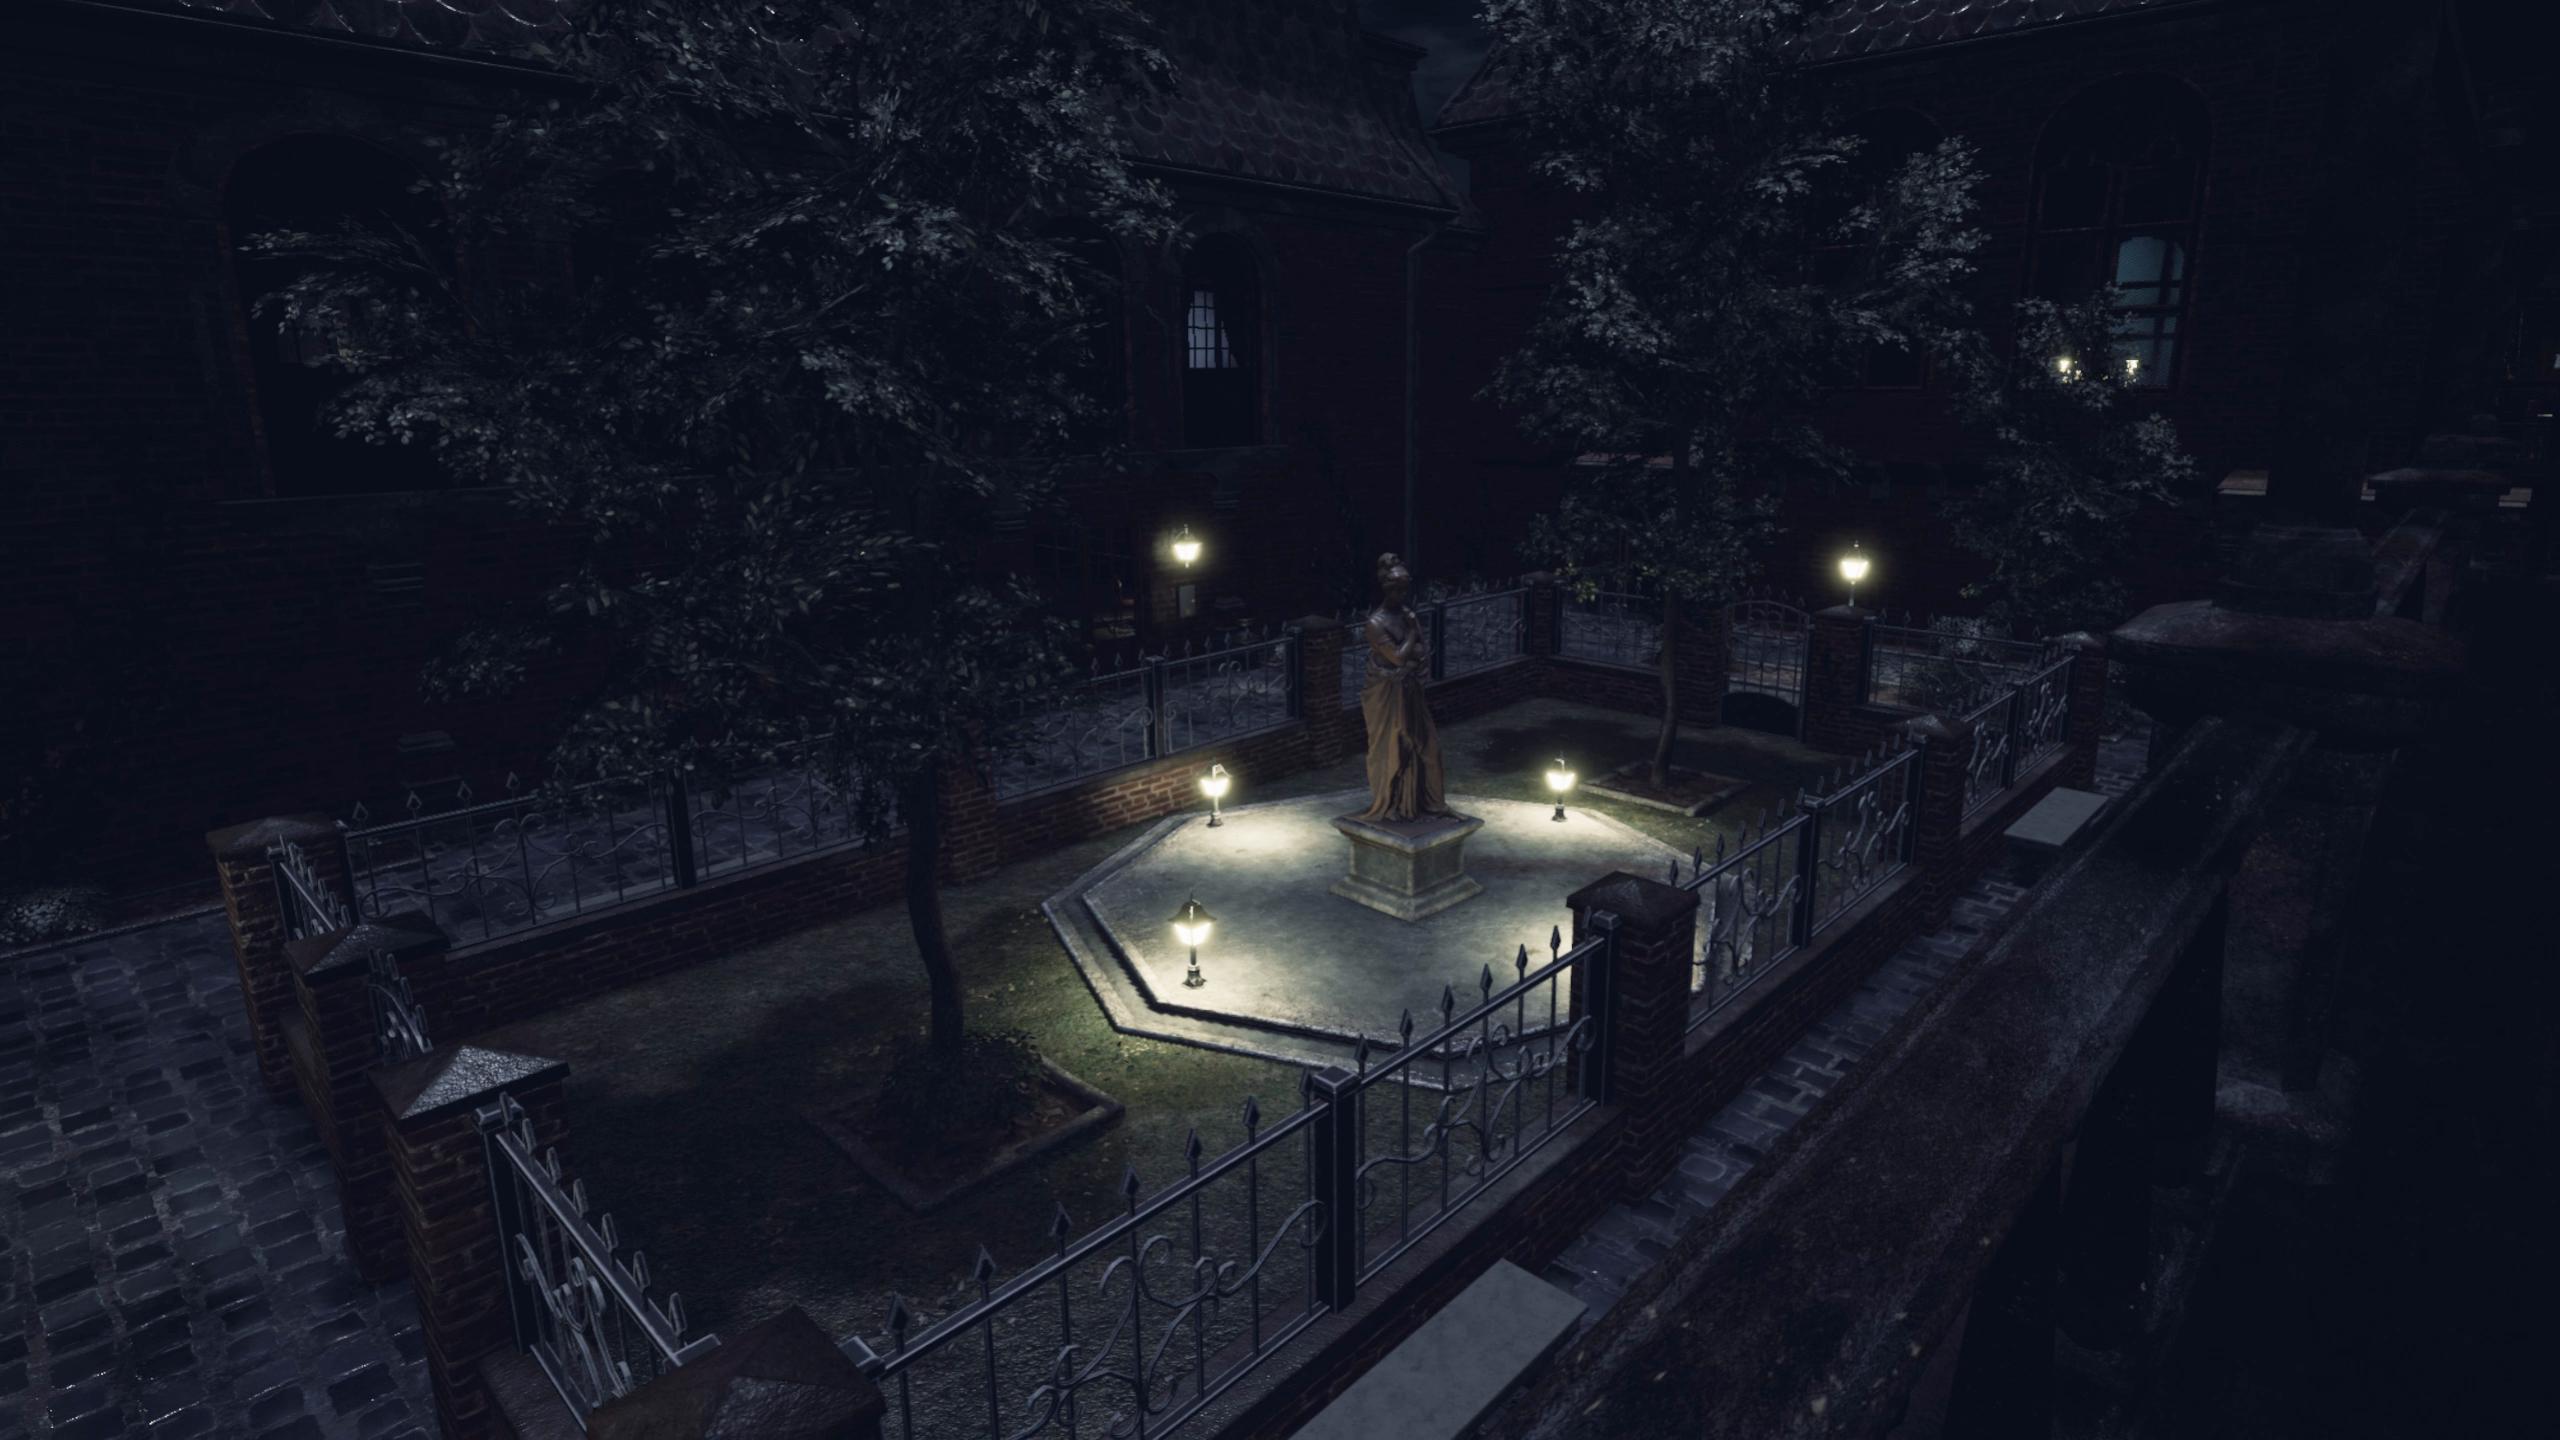 تماشا کنید: بازی ترسناک و واقعیت مجازی DreamBack امروز منتشر خواهد شد